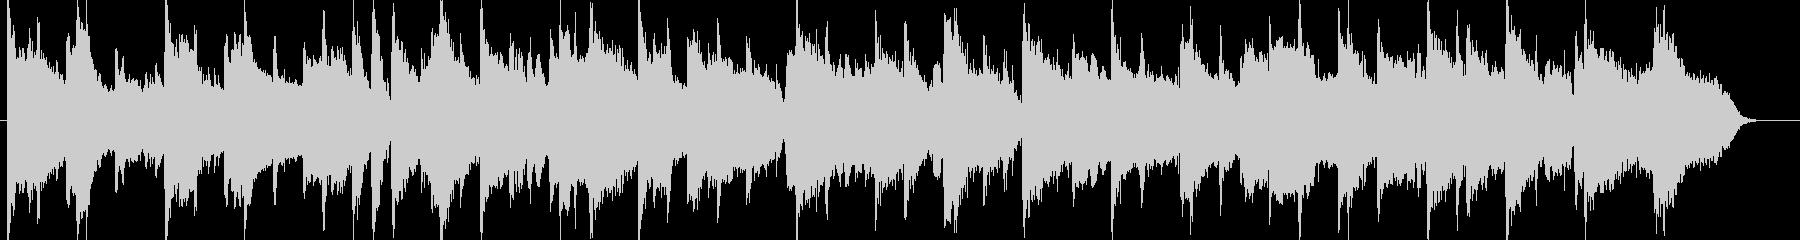 ピアノによる穏やかなイージーリスニングの未再生の波形